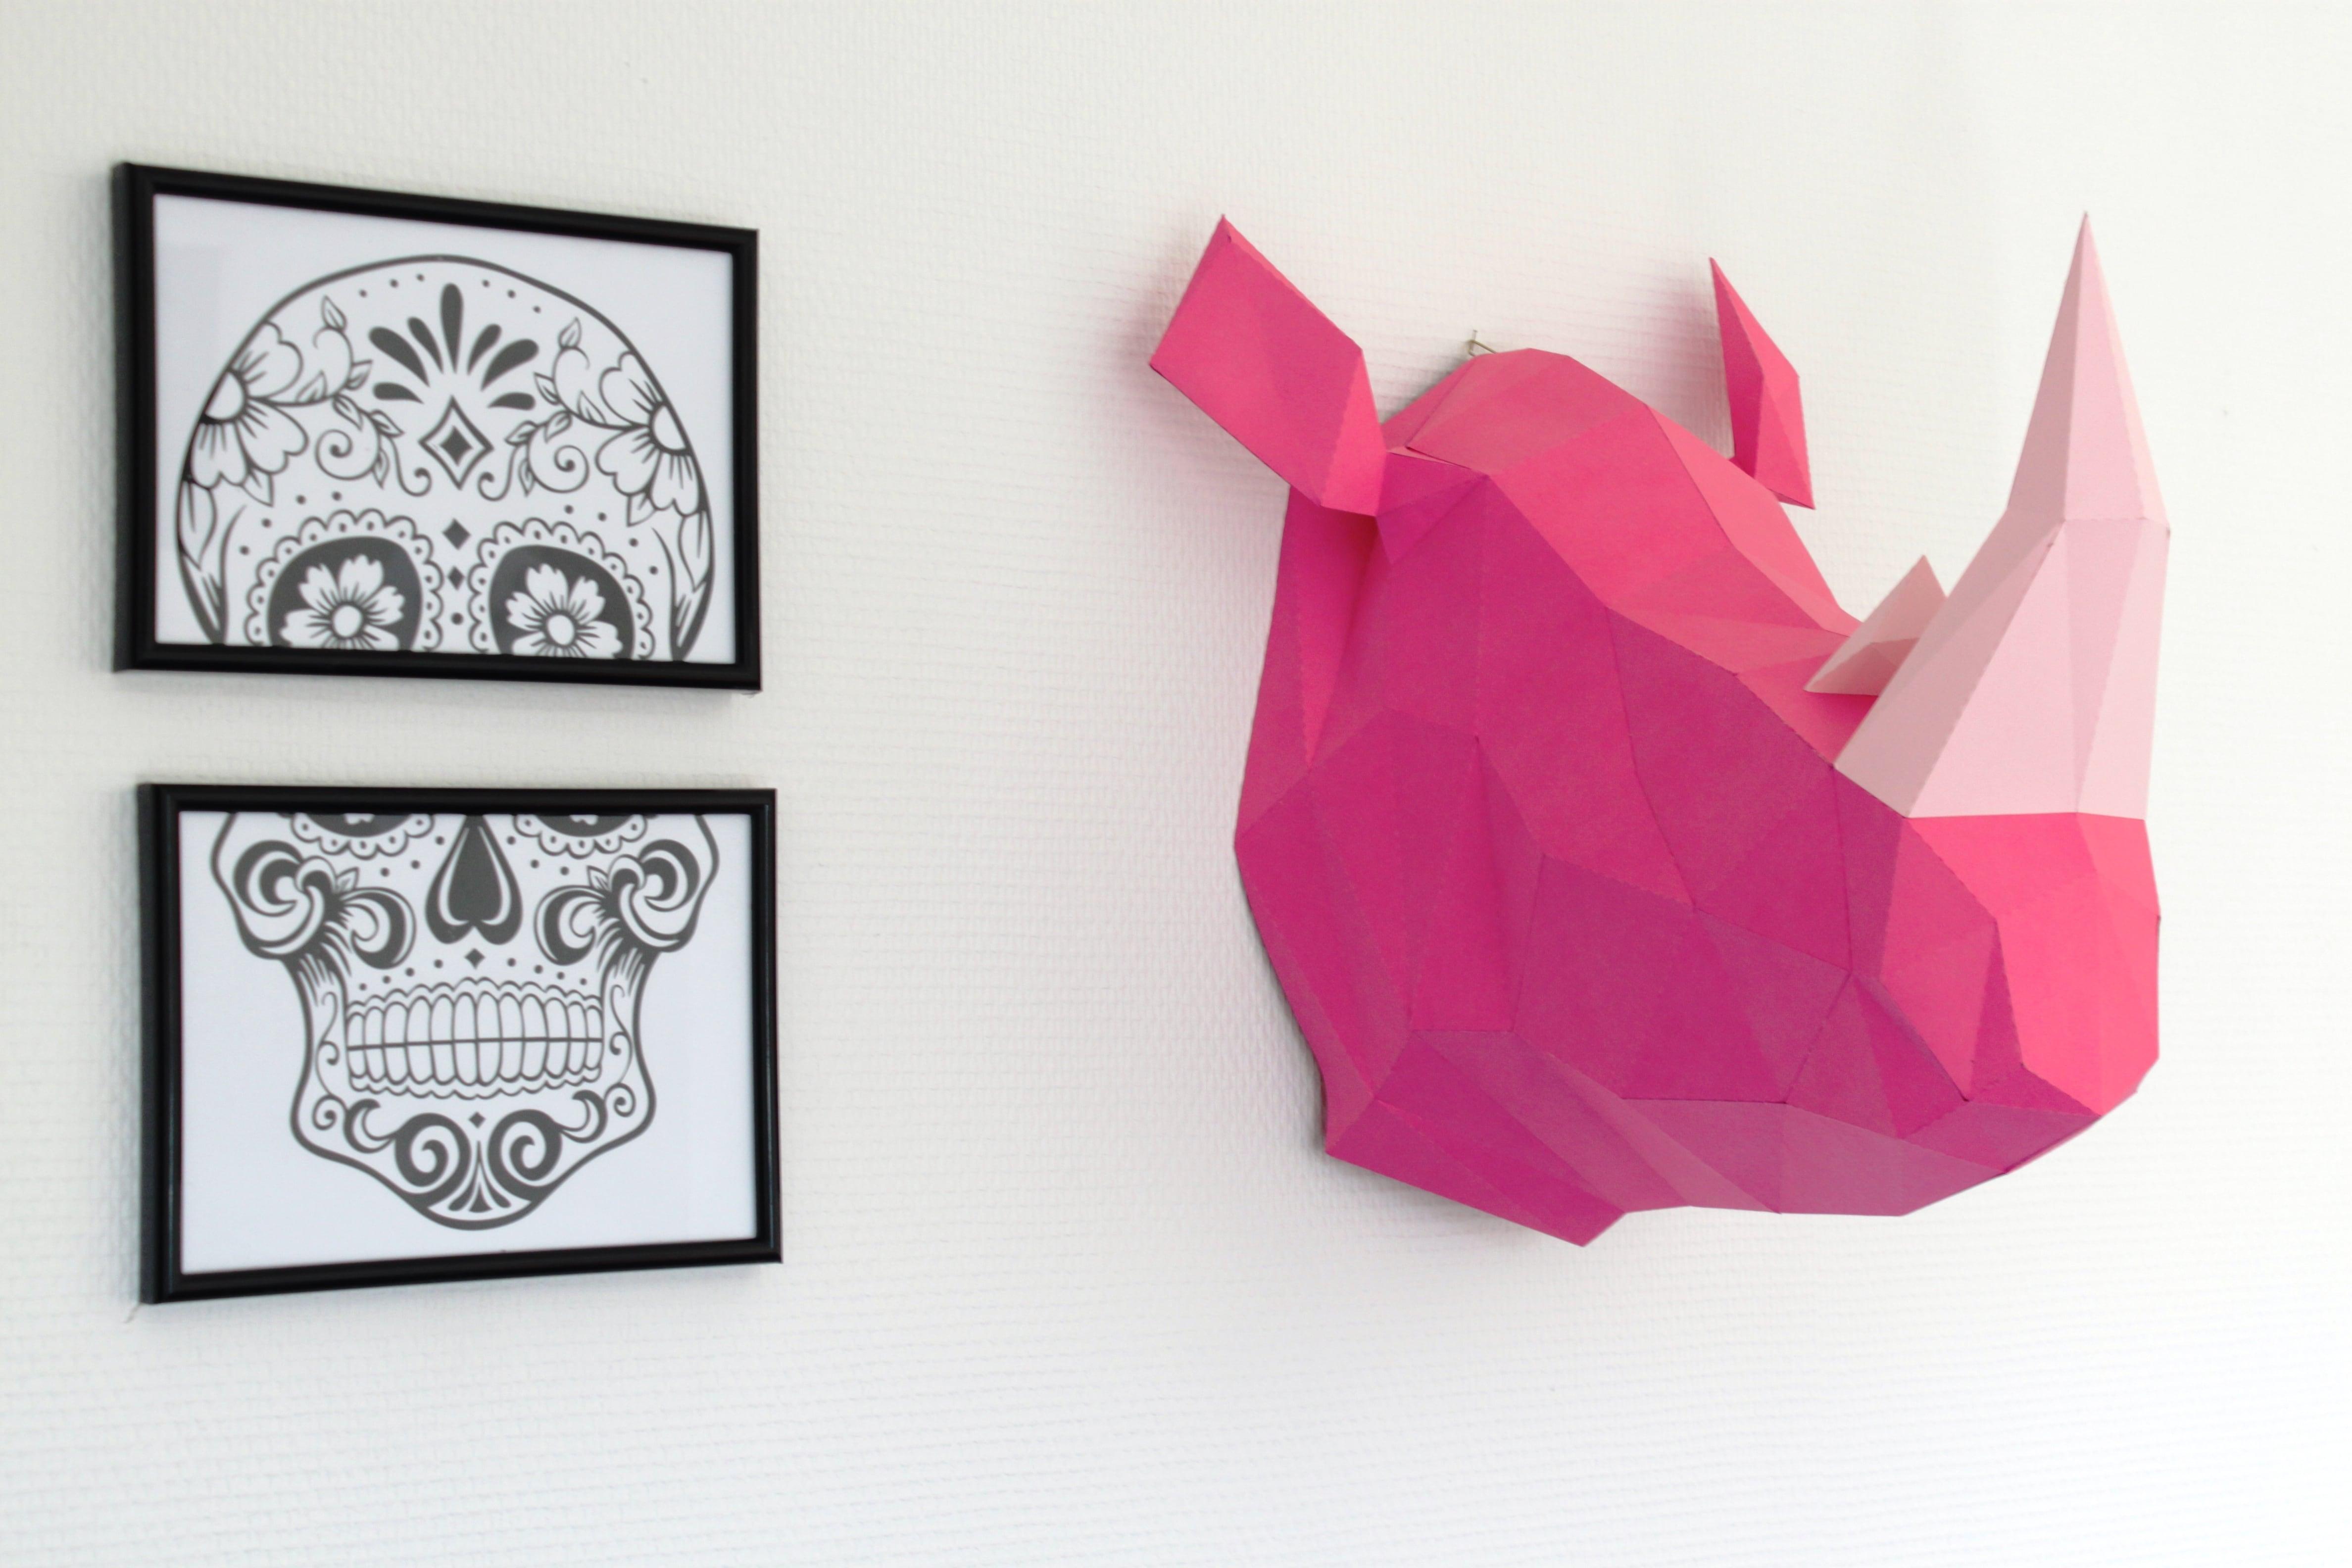 Trophée mural design tête de rhinocéros coloré pour une décoration murale stylée et originale